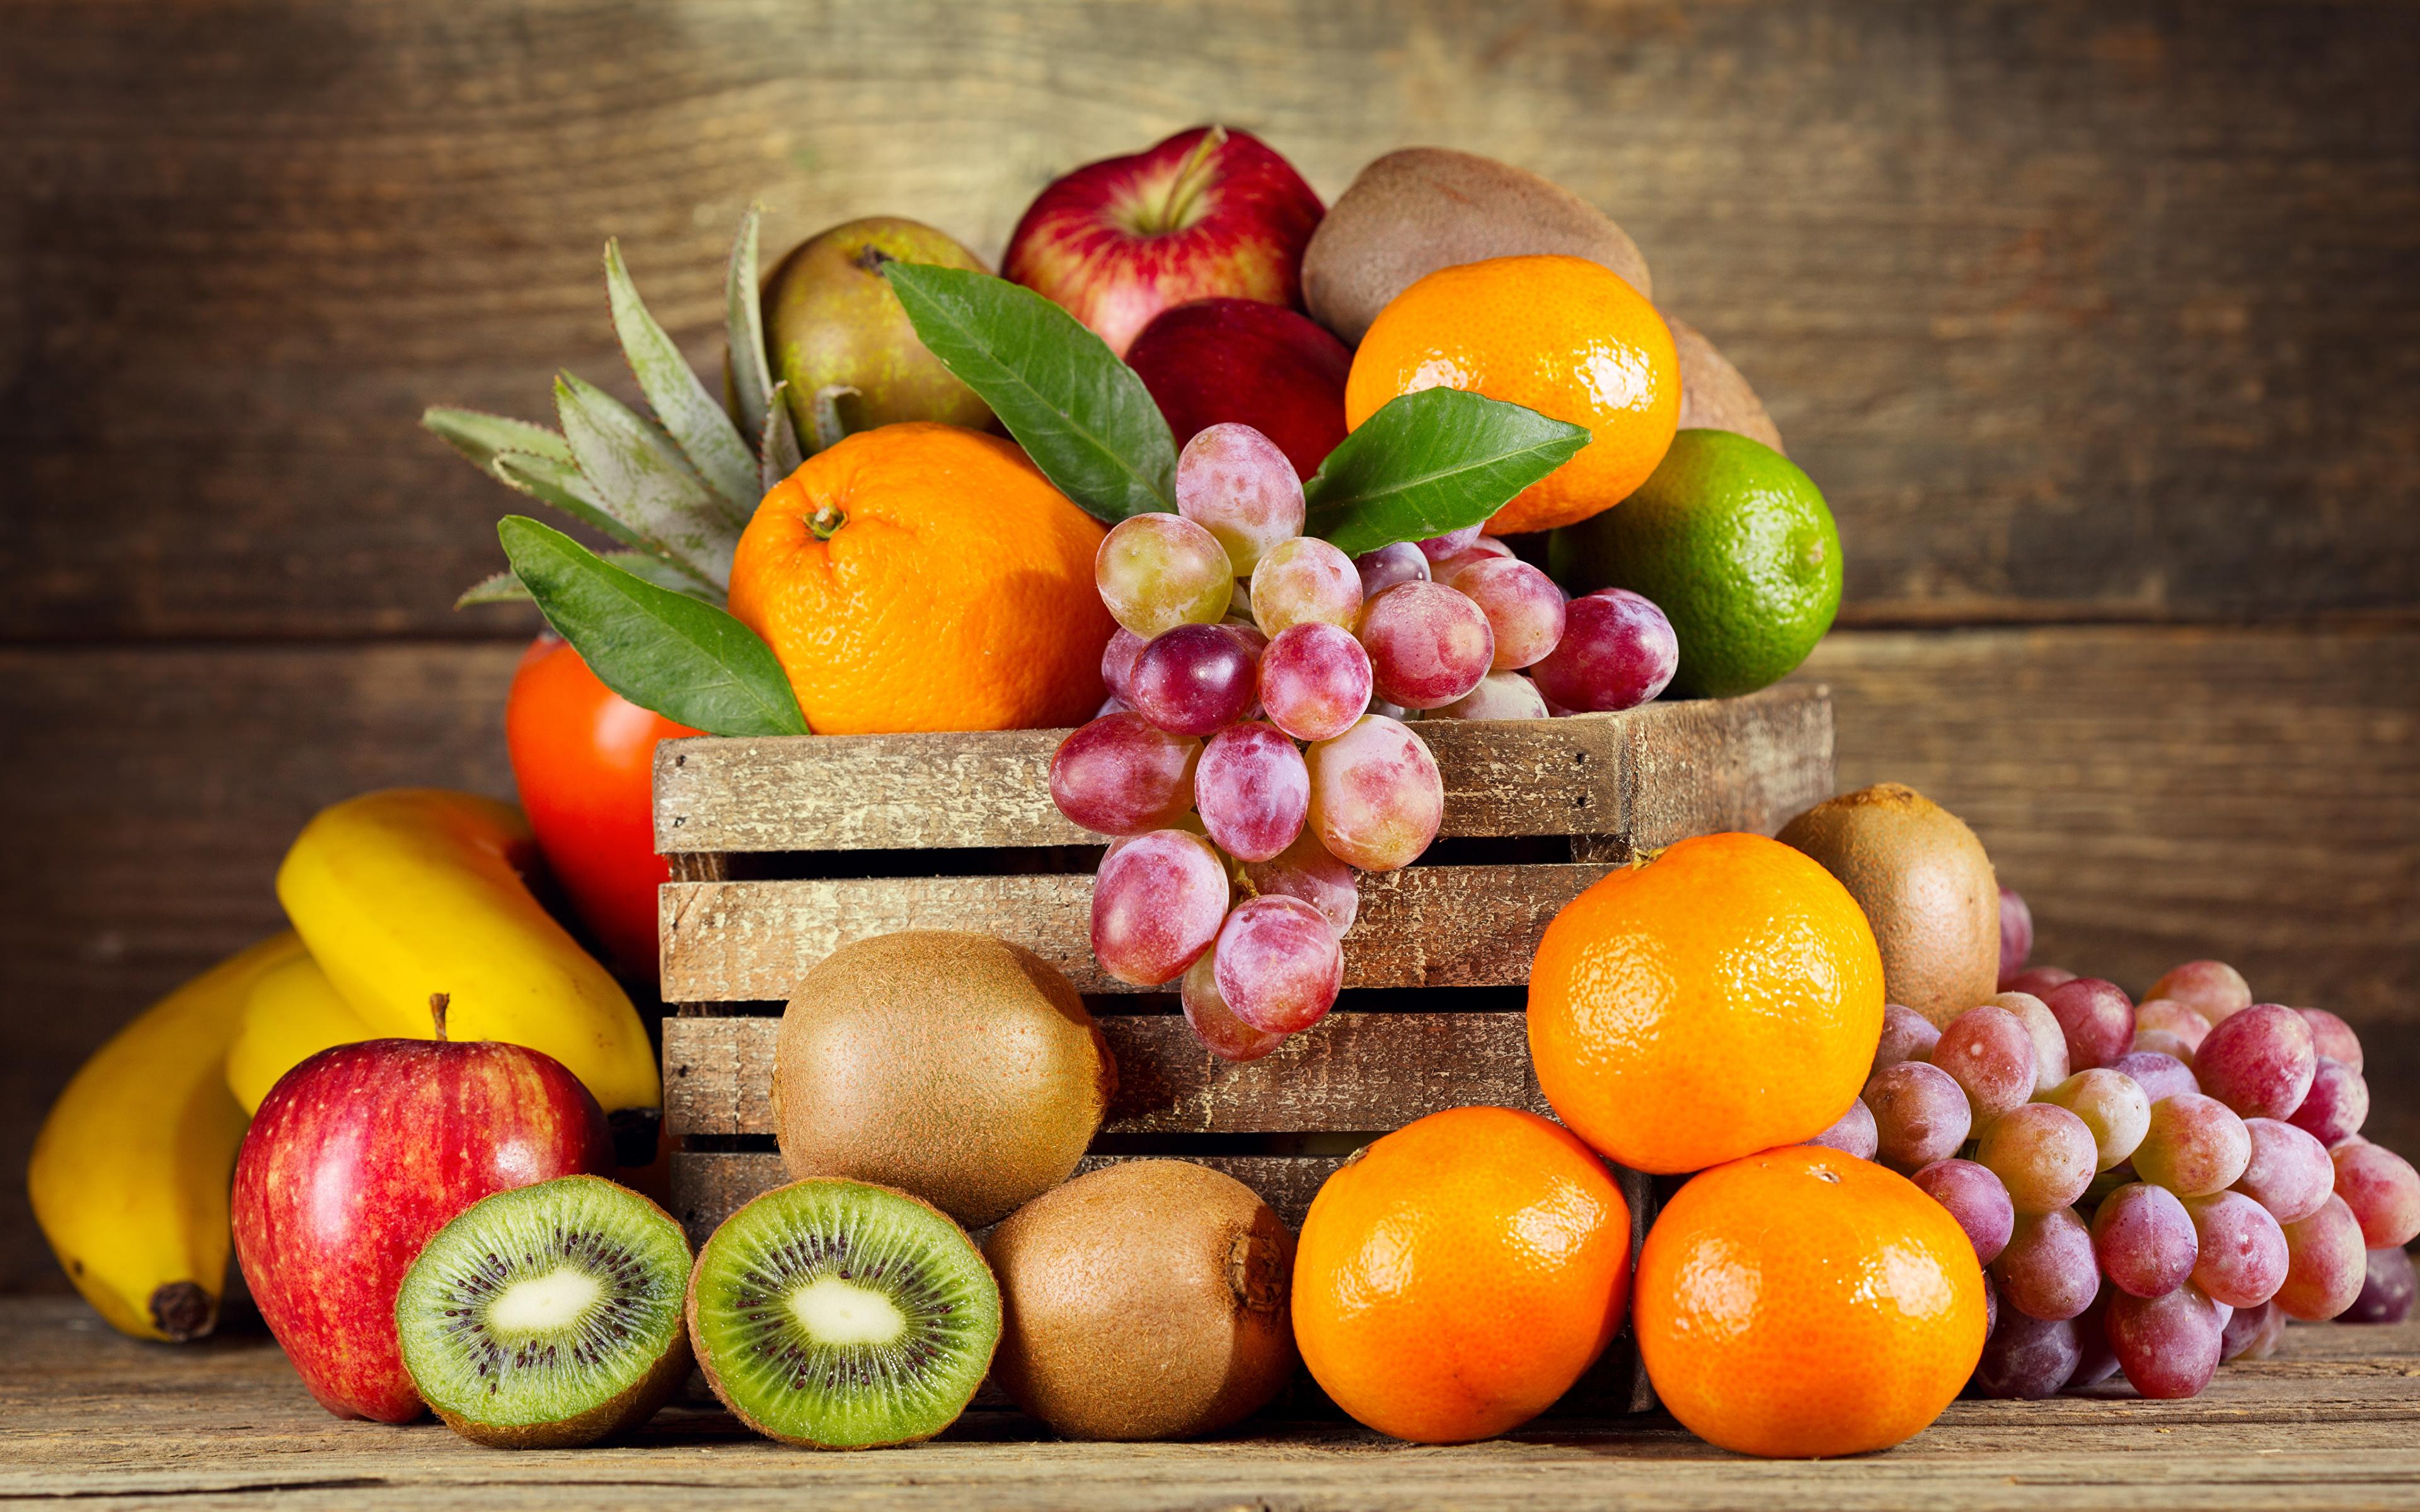 Еда фрукты корзина яблоки арбуз Food fruit basket apples watermelon скачать